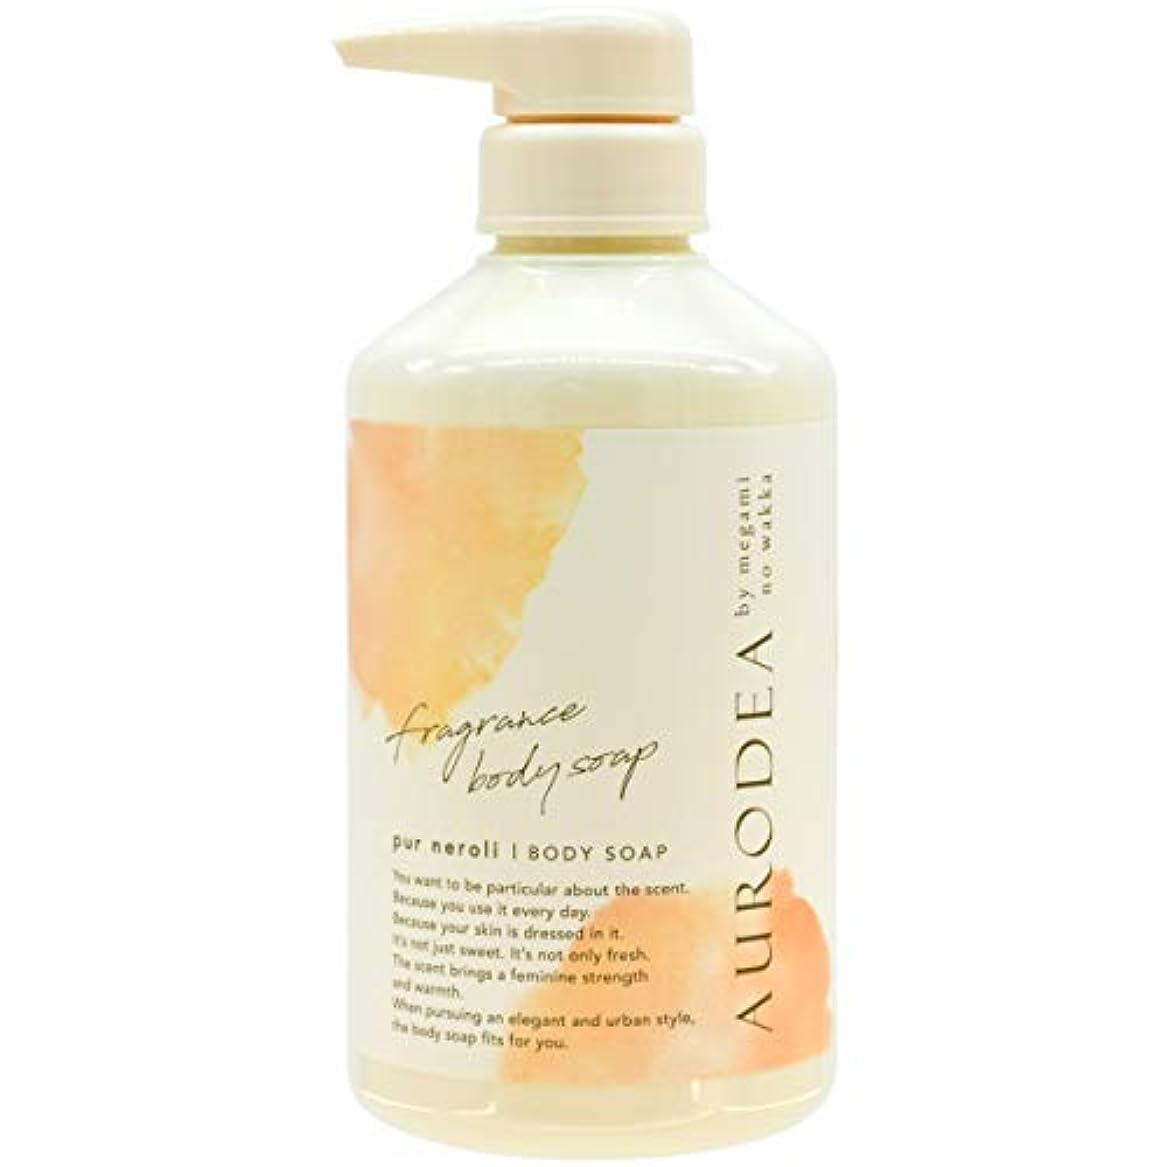 マニフェストエクステント調子AURODEA (アウロディア) フレグランス ボディソープ ピュールネロリの香り [ 植物由来 敏感肌 ] 480ml せっけんベース 4種の ビタミン by megami no wakka